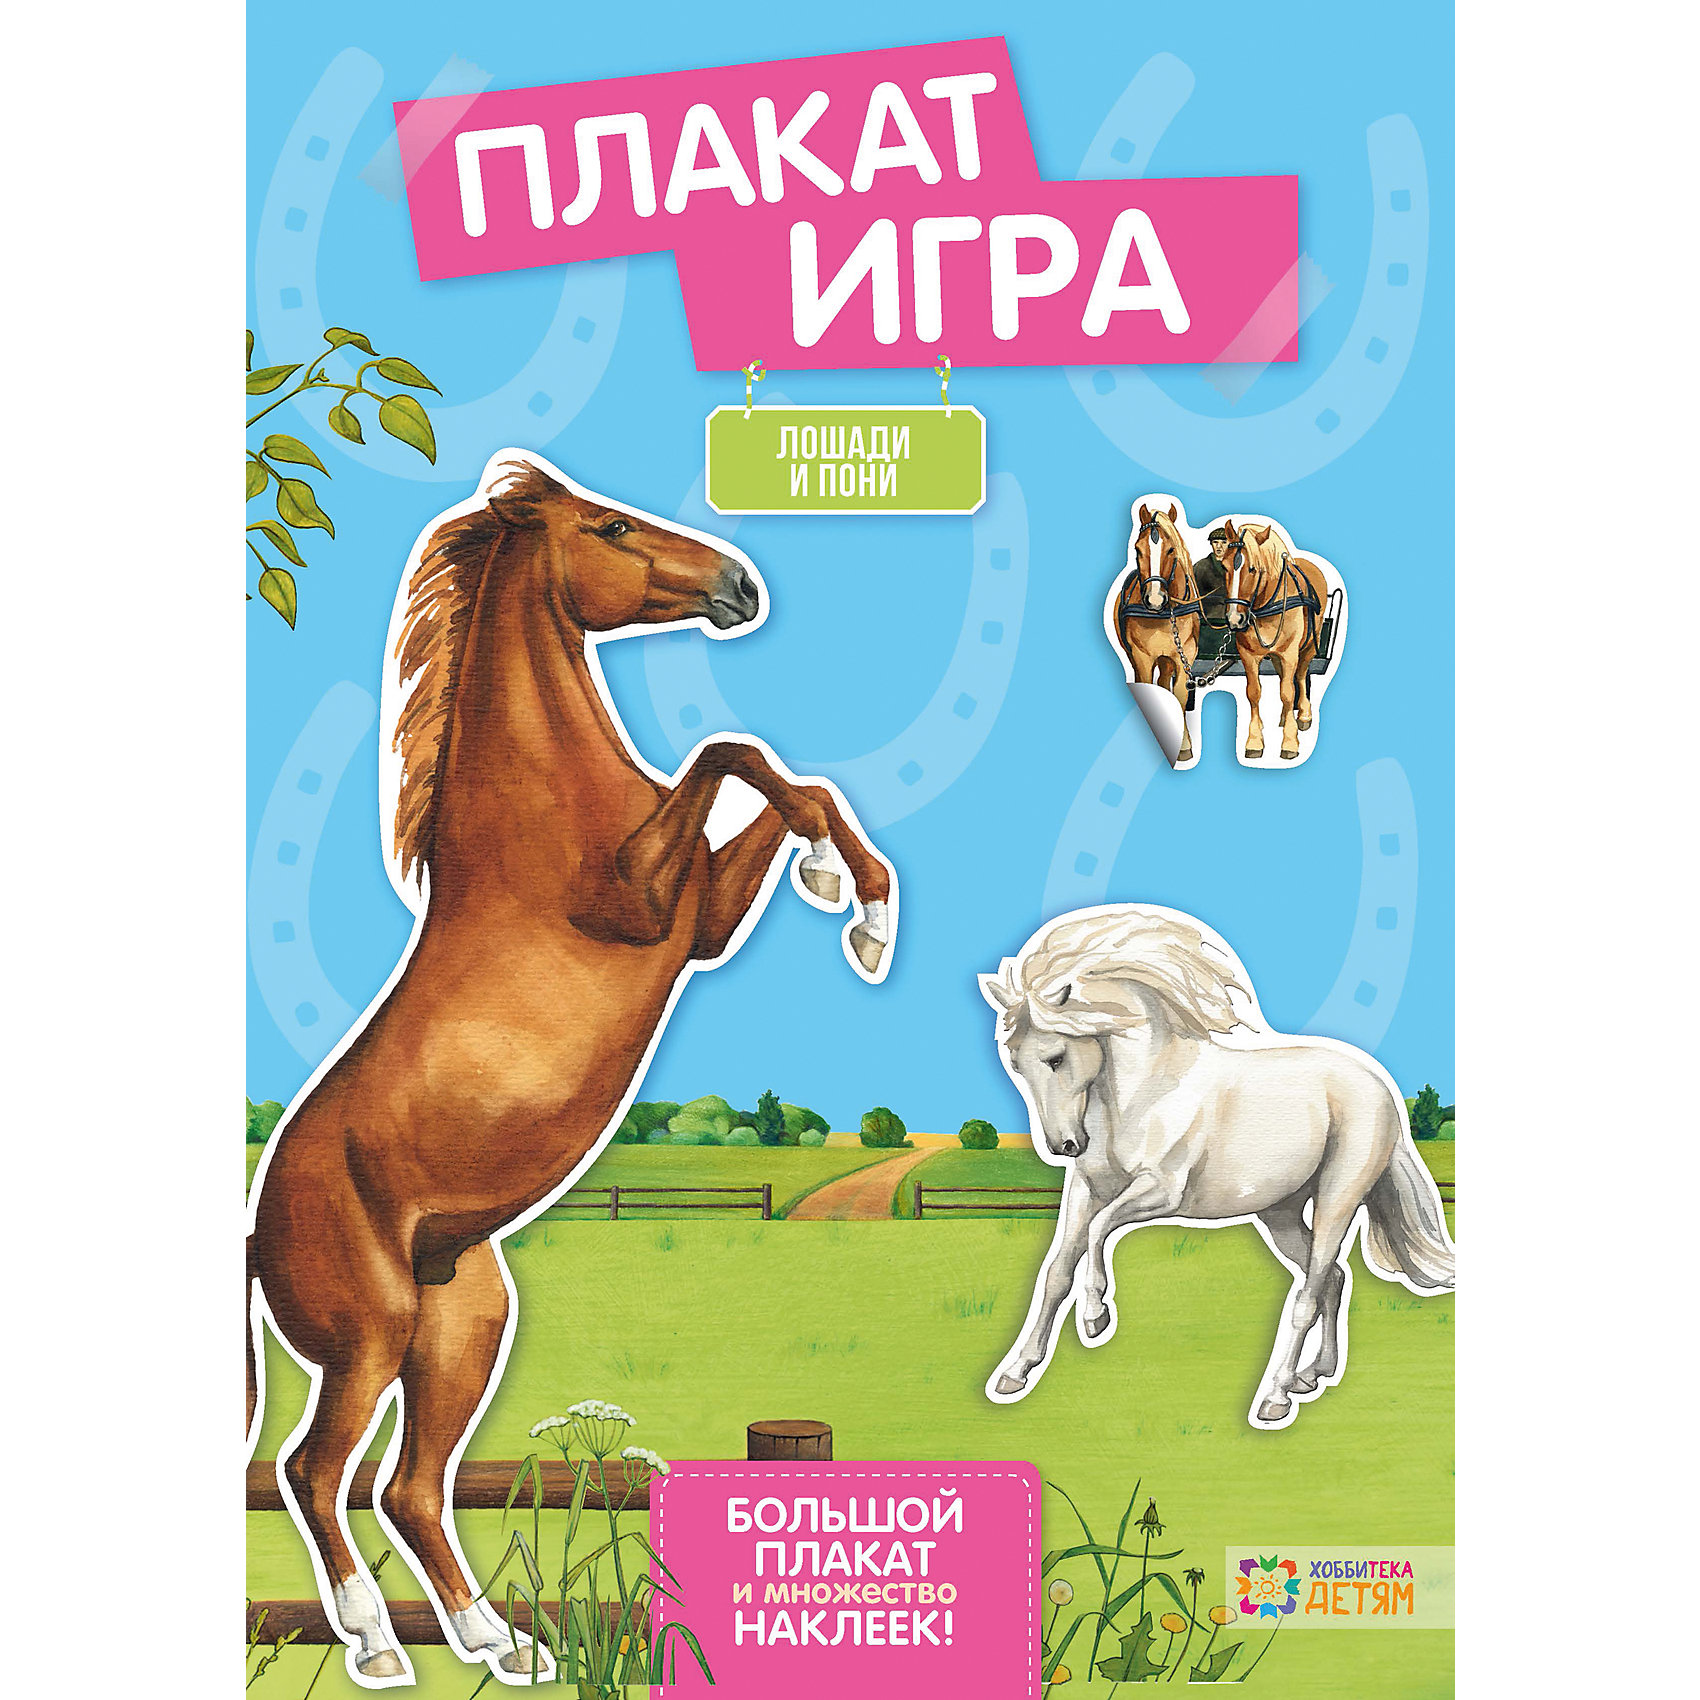 Плакат-игра с наклейками Лошади и пониРазвивающие игры<br>Каких лошадей ты любишь больше всего? Горячих чистокровных скакунов, добрых и сильных тяжеловозов с мохнатыми ногами, а может быть, милых пони — выбирай любые породы. Просто приклей наклейку в нужное место — и у тебя на стене появится развивающий плакат, о котором мечтают все!<br><br>Страниц: 8<br>Формат: 28 х 21 см<br>Размер плаката: 88 х 56 см<br><br>Плакат-игру Лошади и пони можно купить в нашем магазине.<br><br>Ширина мм: 210<br>Глубина мм: 4<br>Высота мм: 280<br>Вес г: 175<br>Возраст от месяцев: 72<br>Возраст до месяцев: 144<br>Пол: Унисекс<br>Возраст: Детский<br>SKU: 4221853